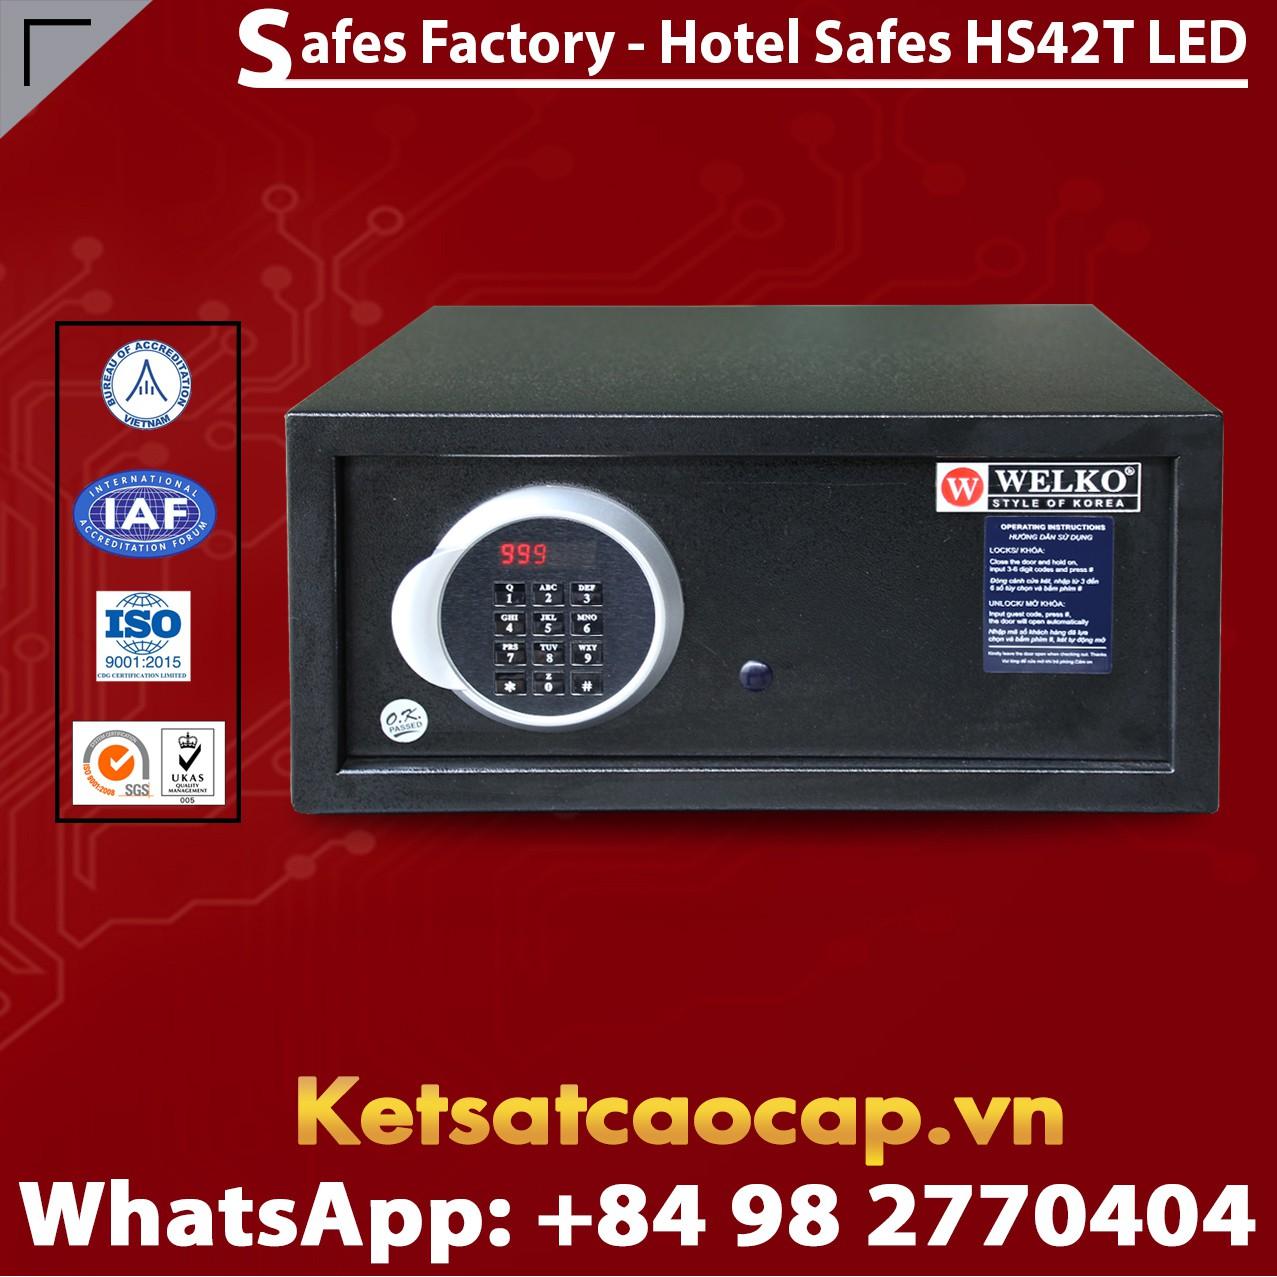 Két Sắt Khách Sạn Hotel Safes WELKO HS42T LED